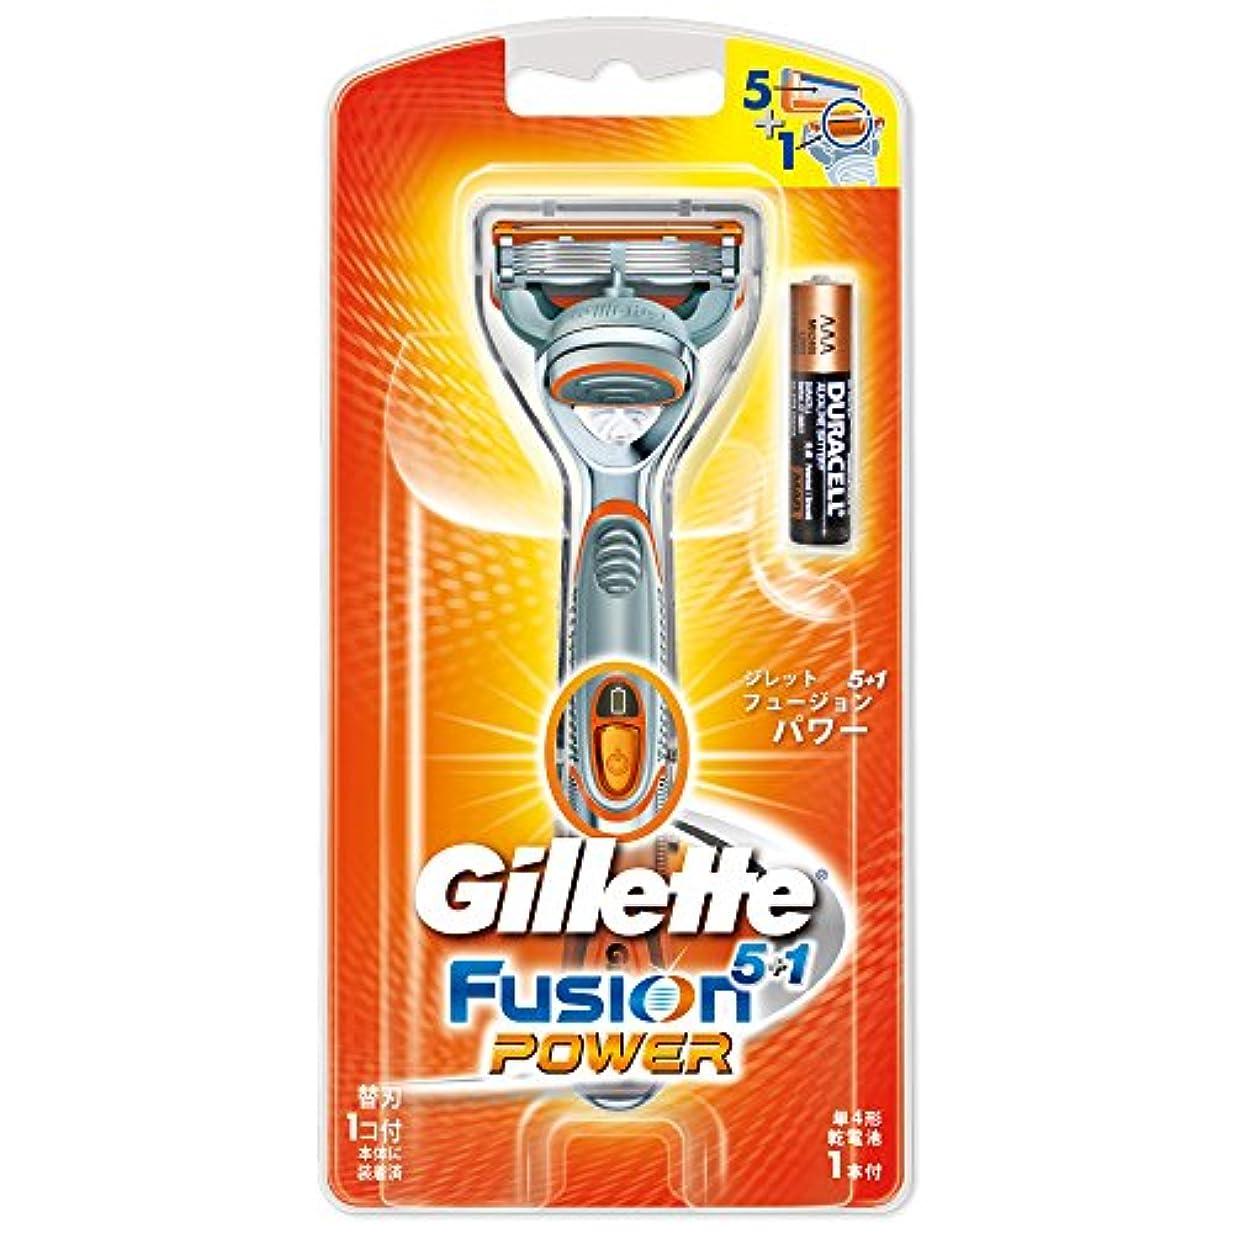 つぶす非互換平野ジレット 髭剃り フュージョン5+1 パワー 本体